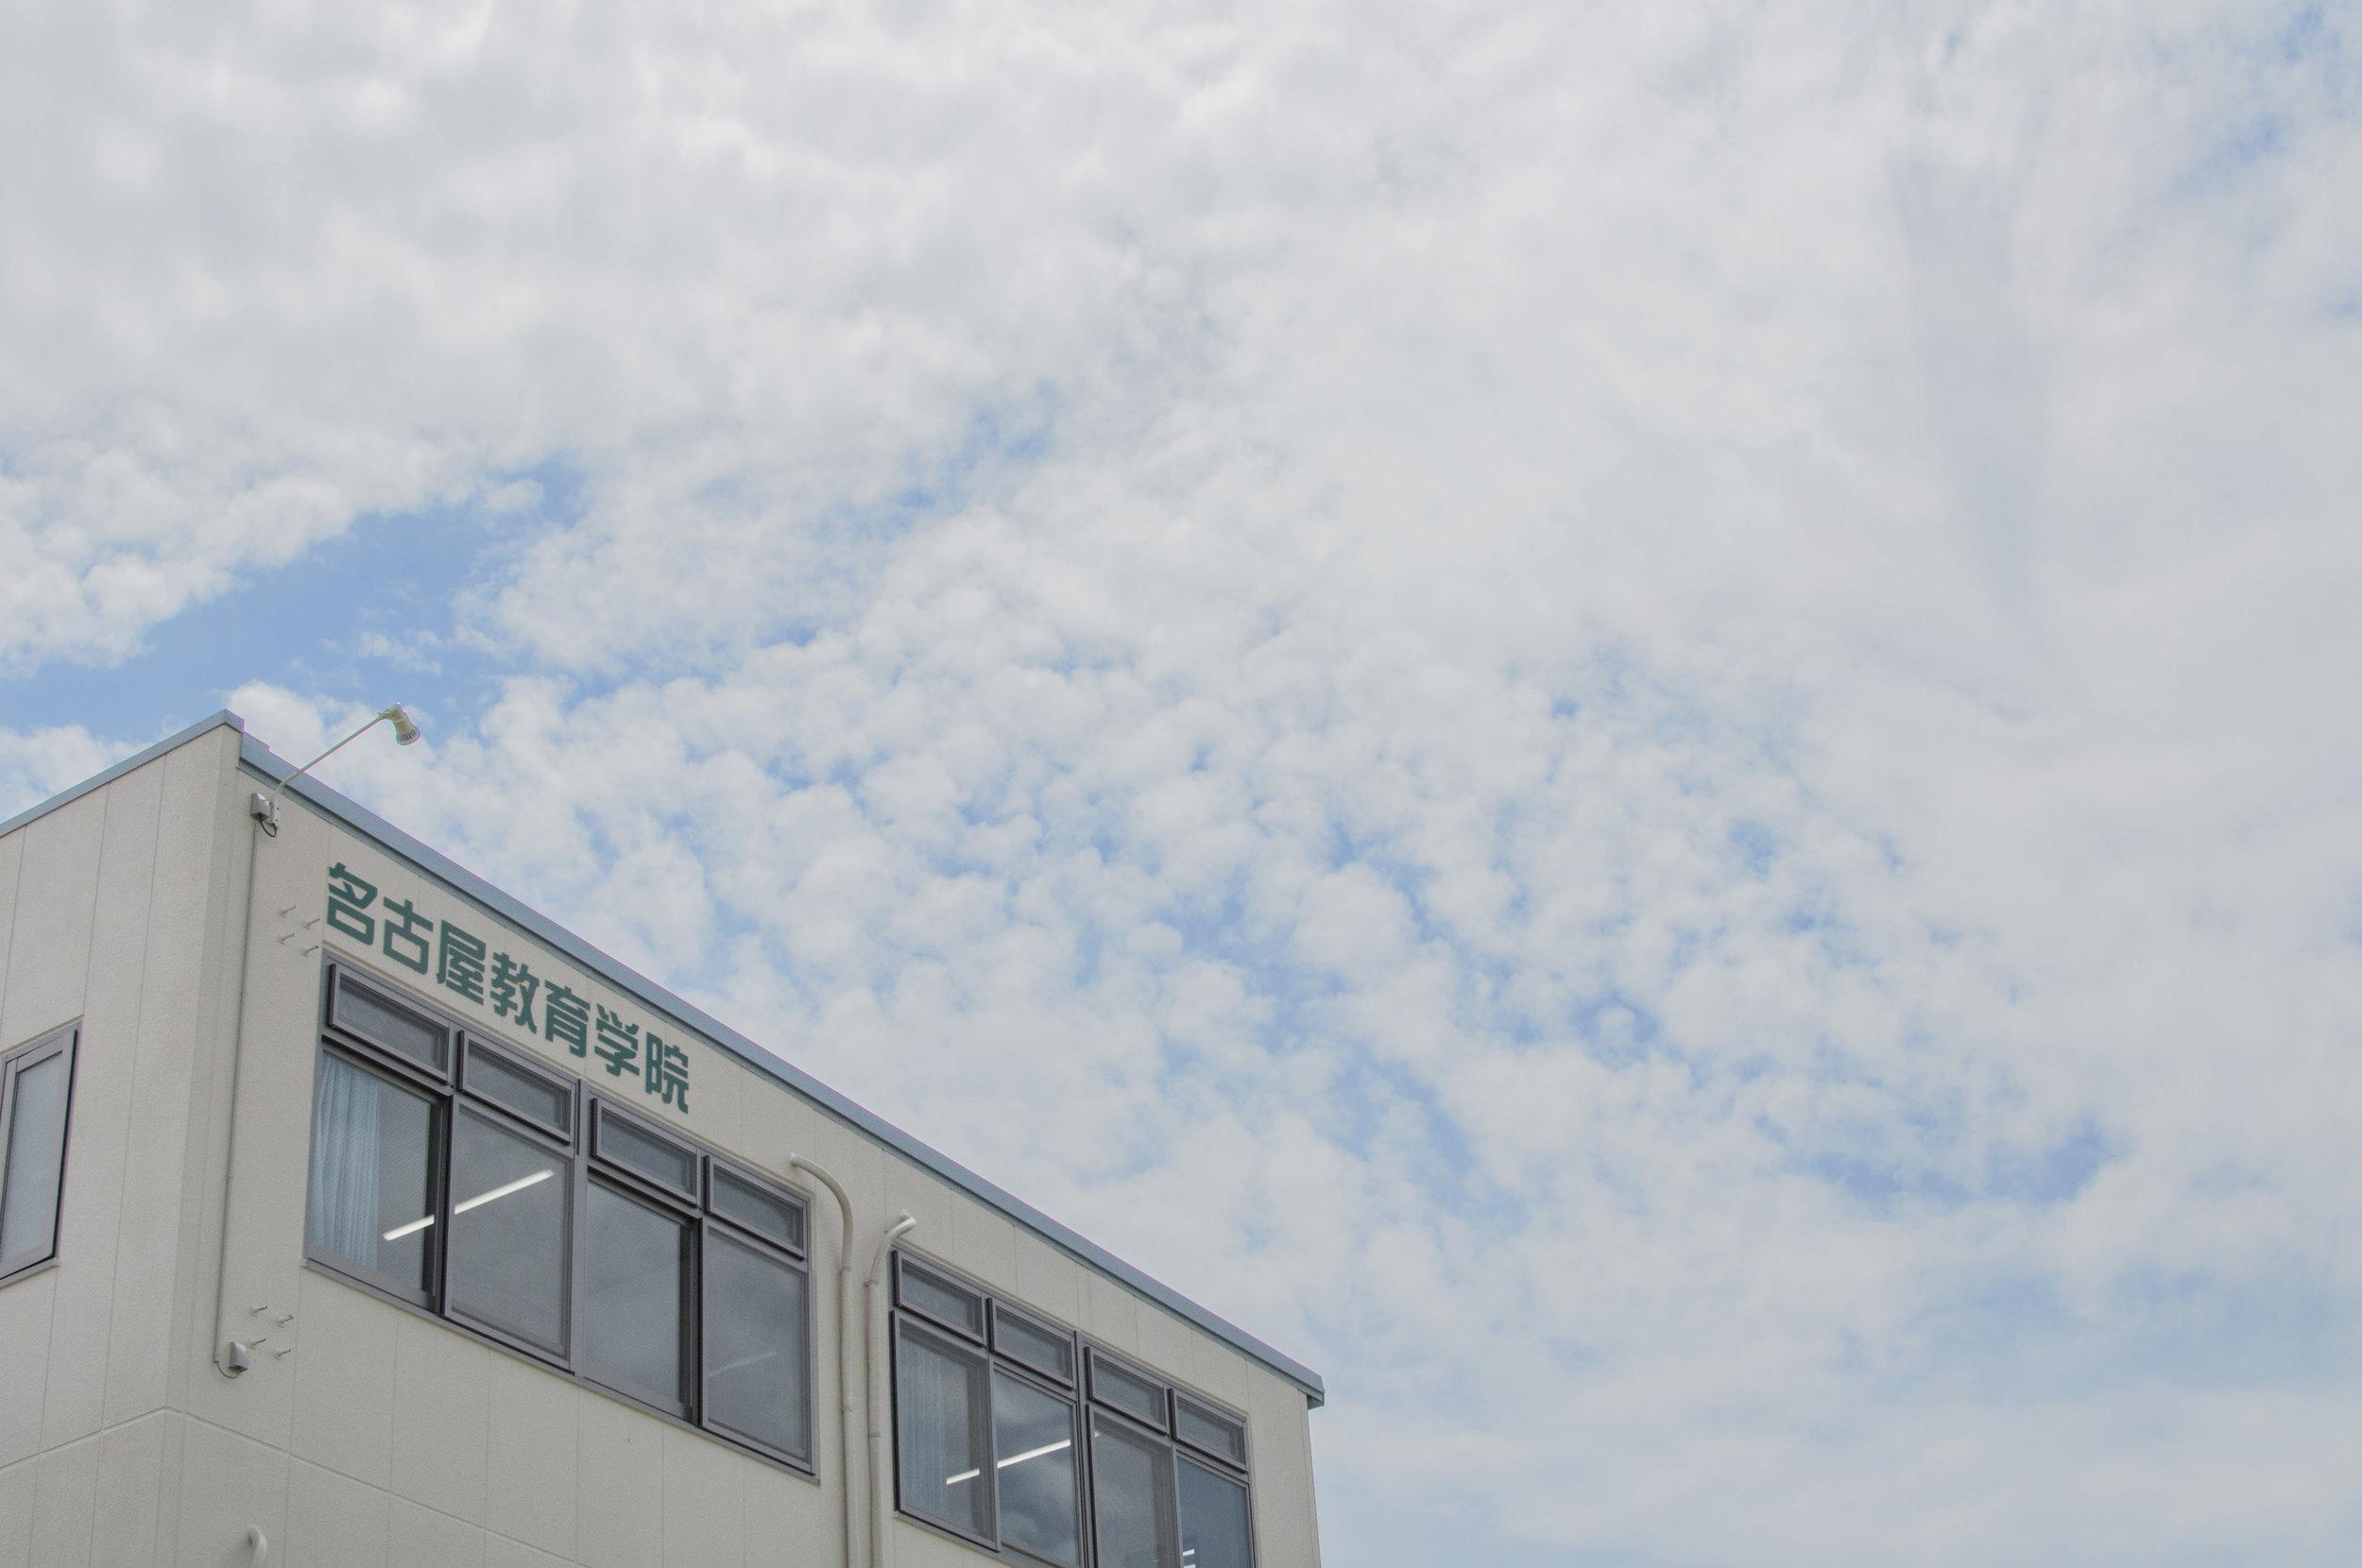 成正建装 愛知県 犬山市 新築 リフォーム 古民家再生 家づくり14.jpg